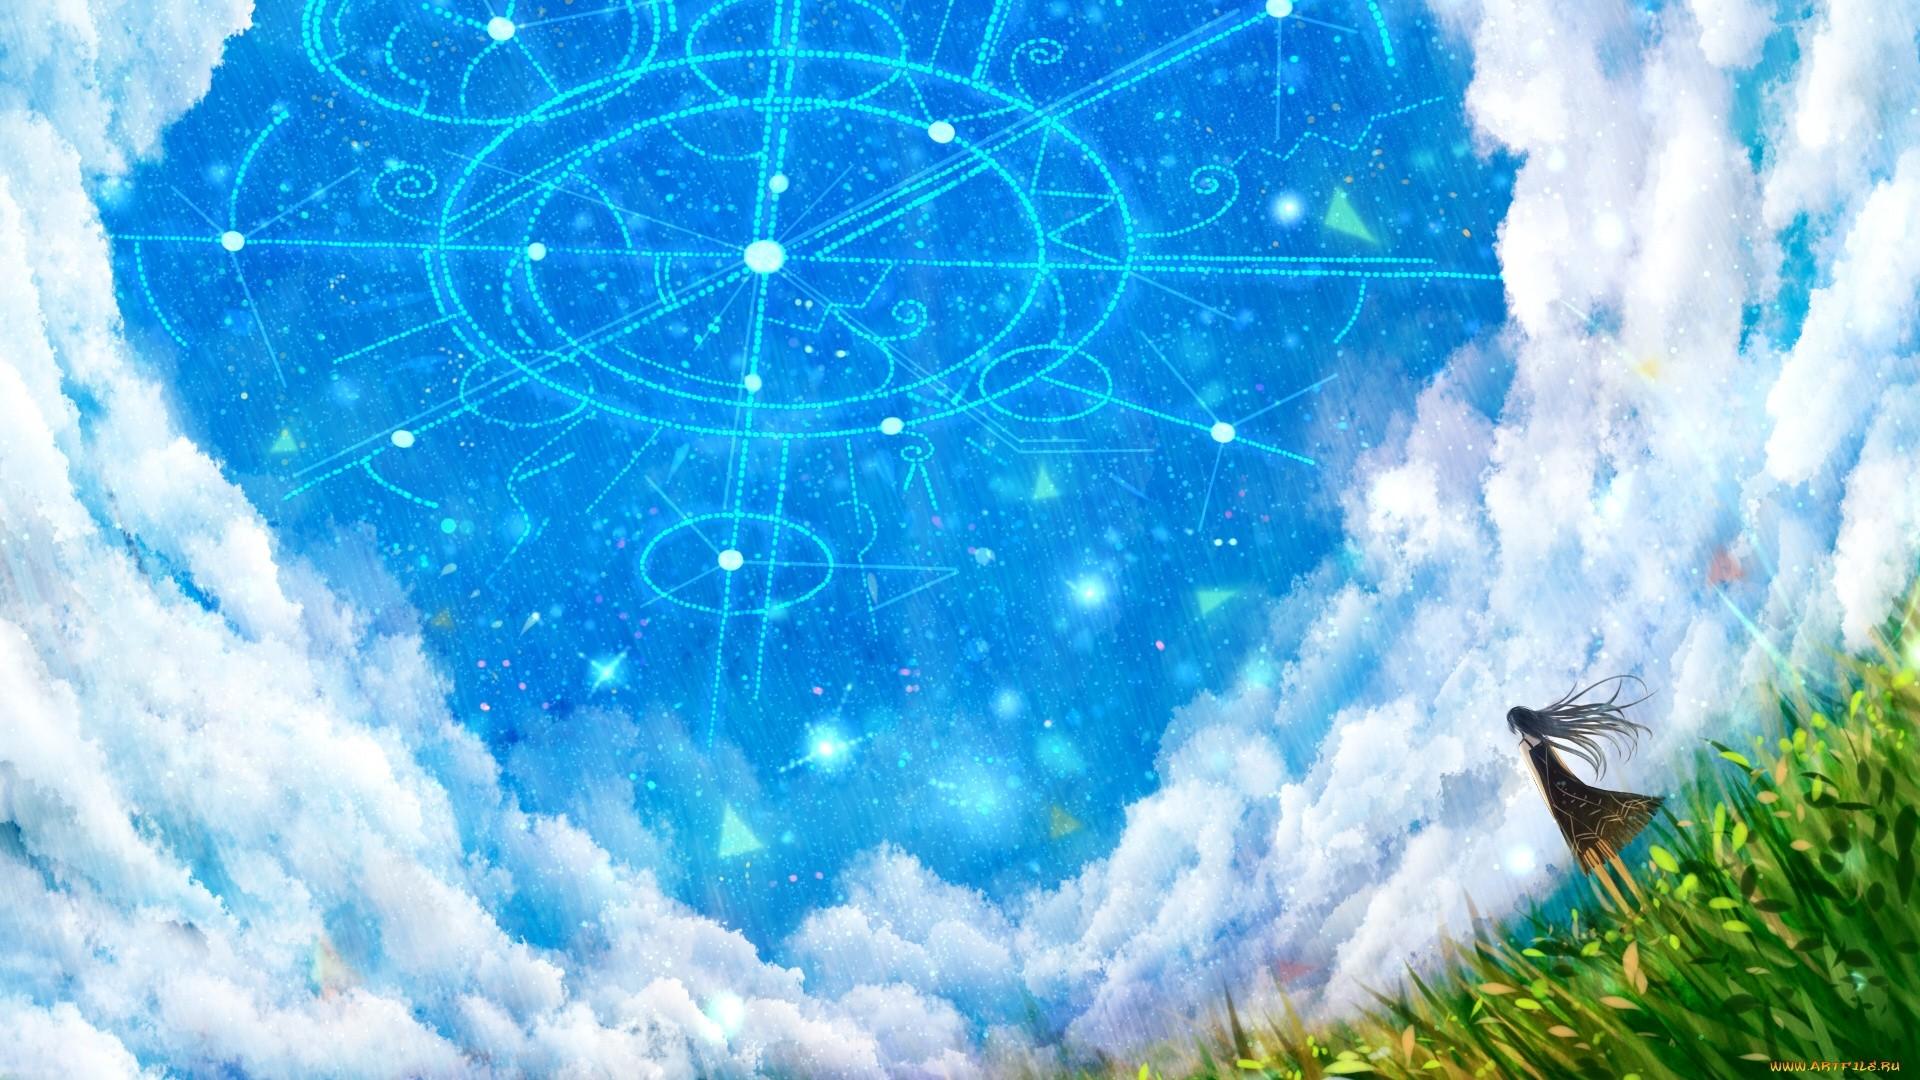 Celestial hd desktop wallpaper